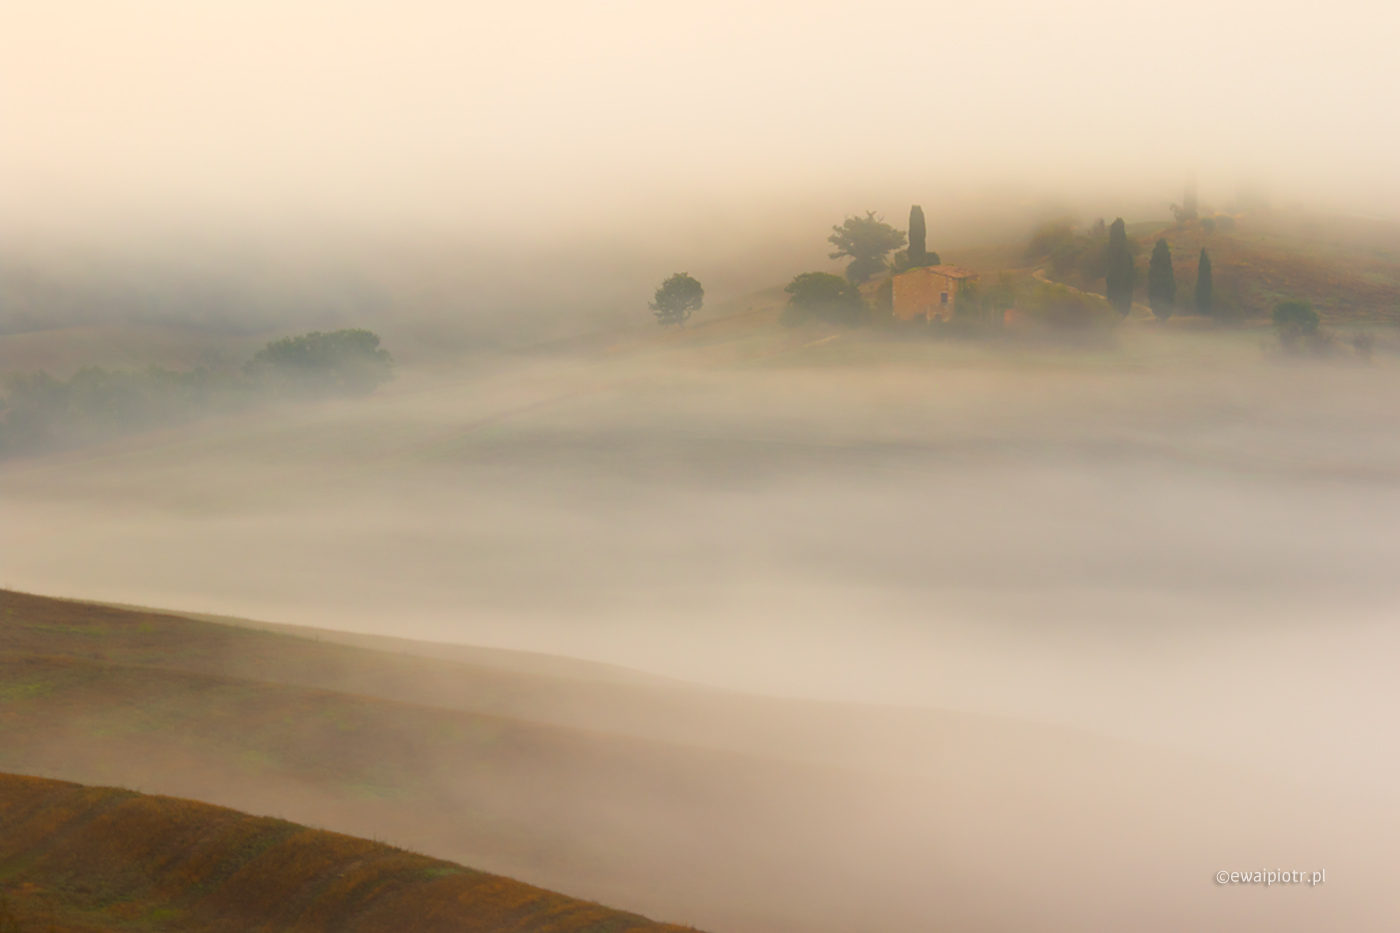 Fale mgieł, Toskania, fotowyprawa, poprawna ekspozycja